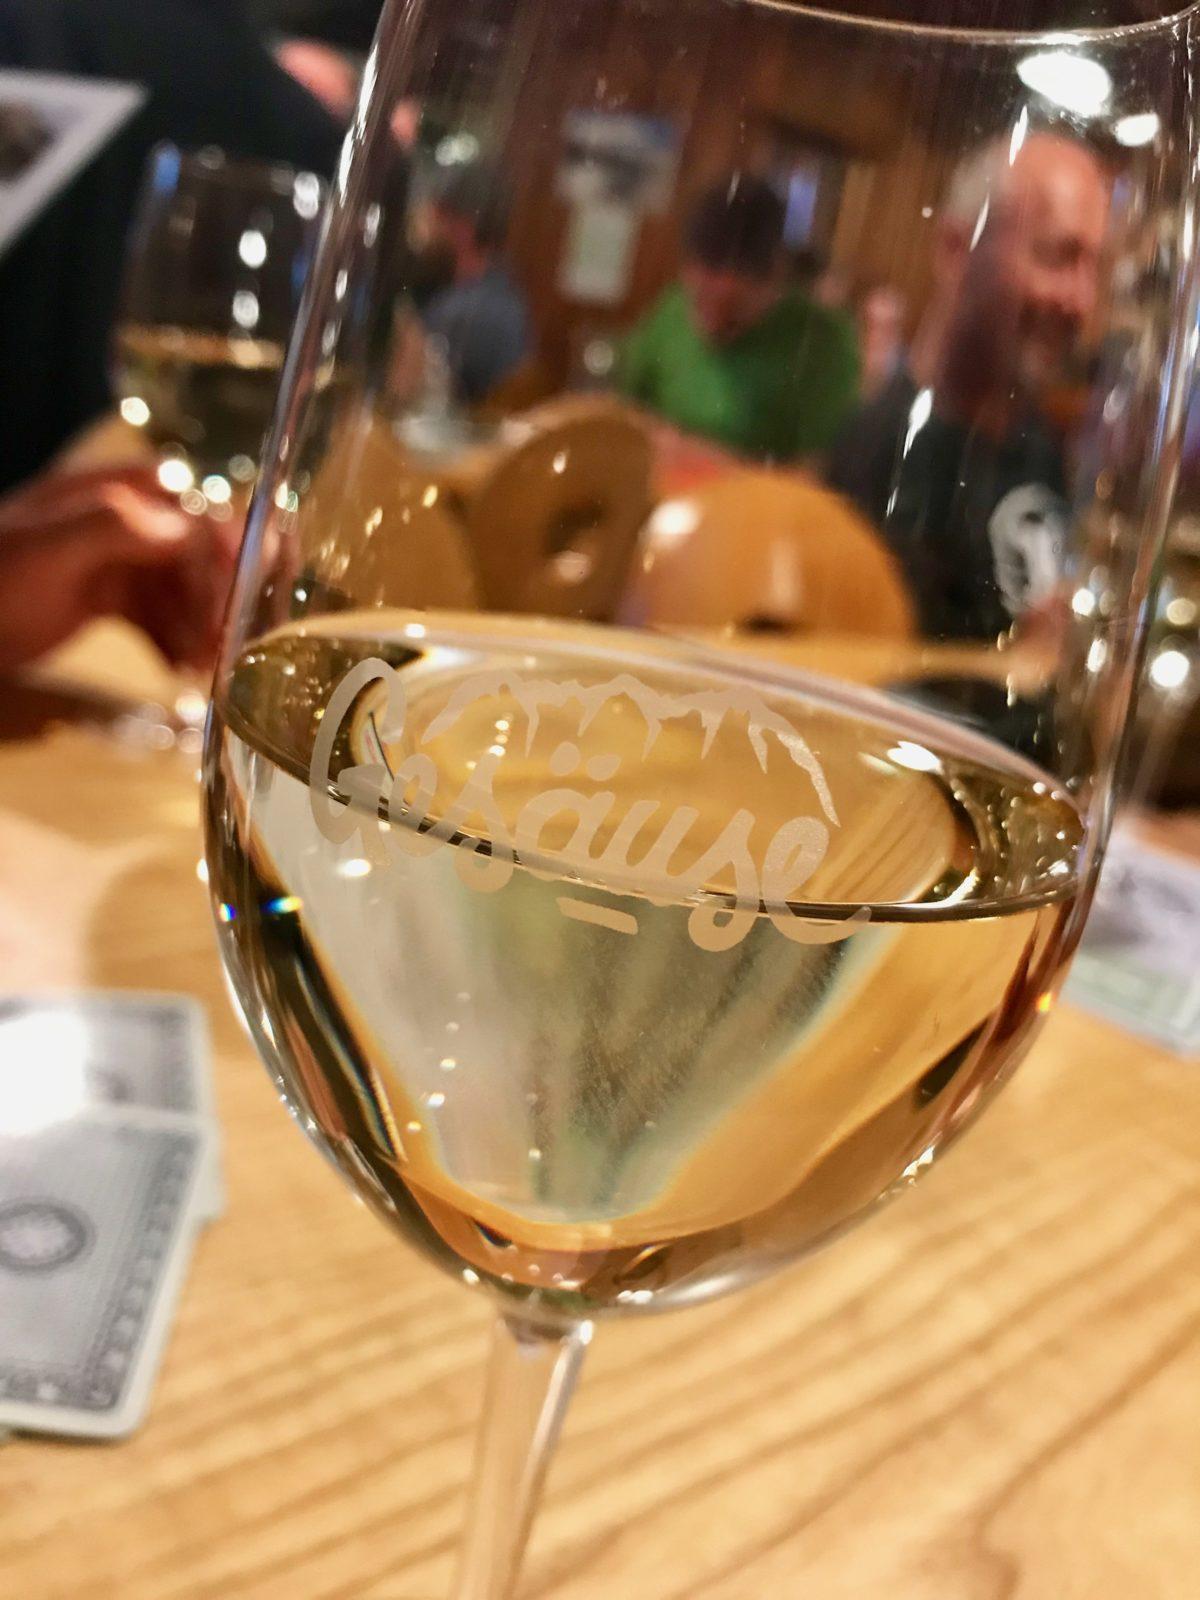 Wir lassen den Tag bei einem Wein ausklingen…